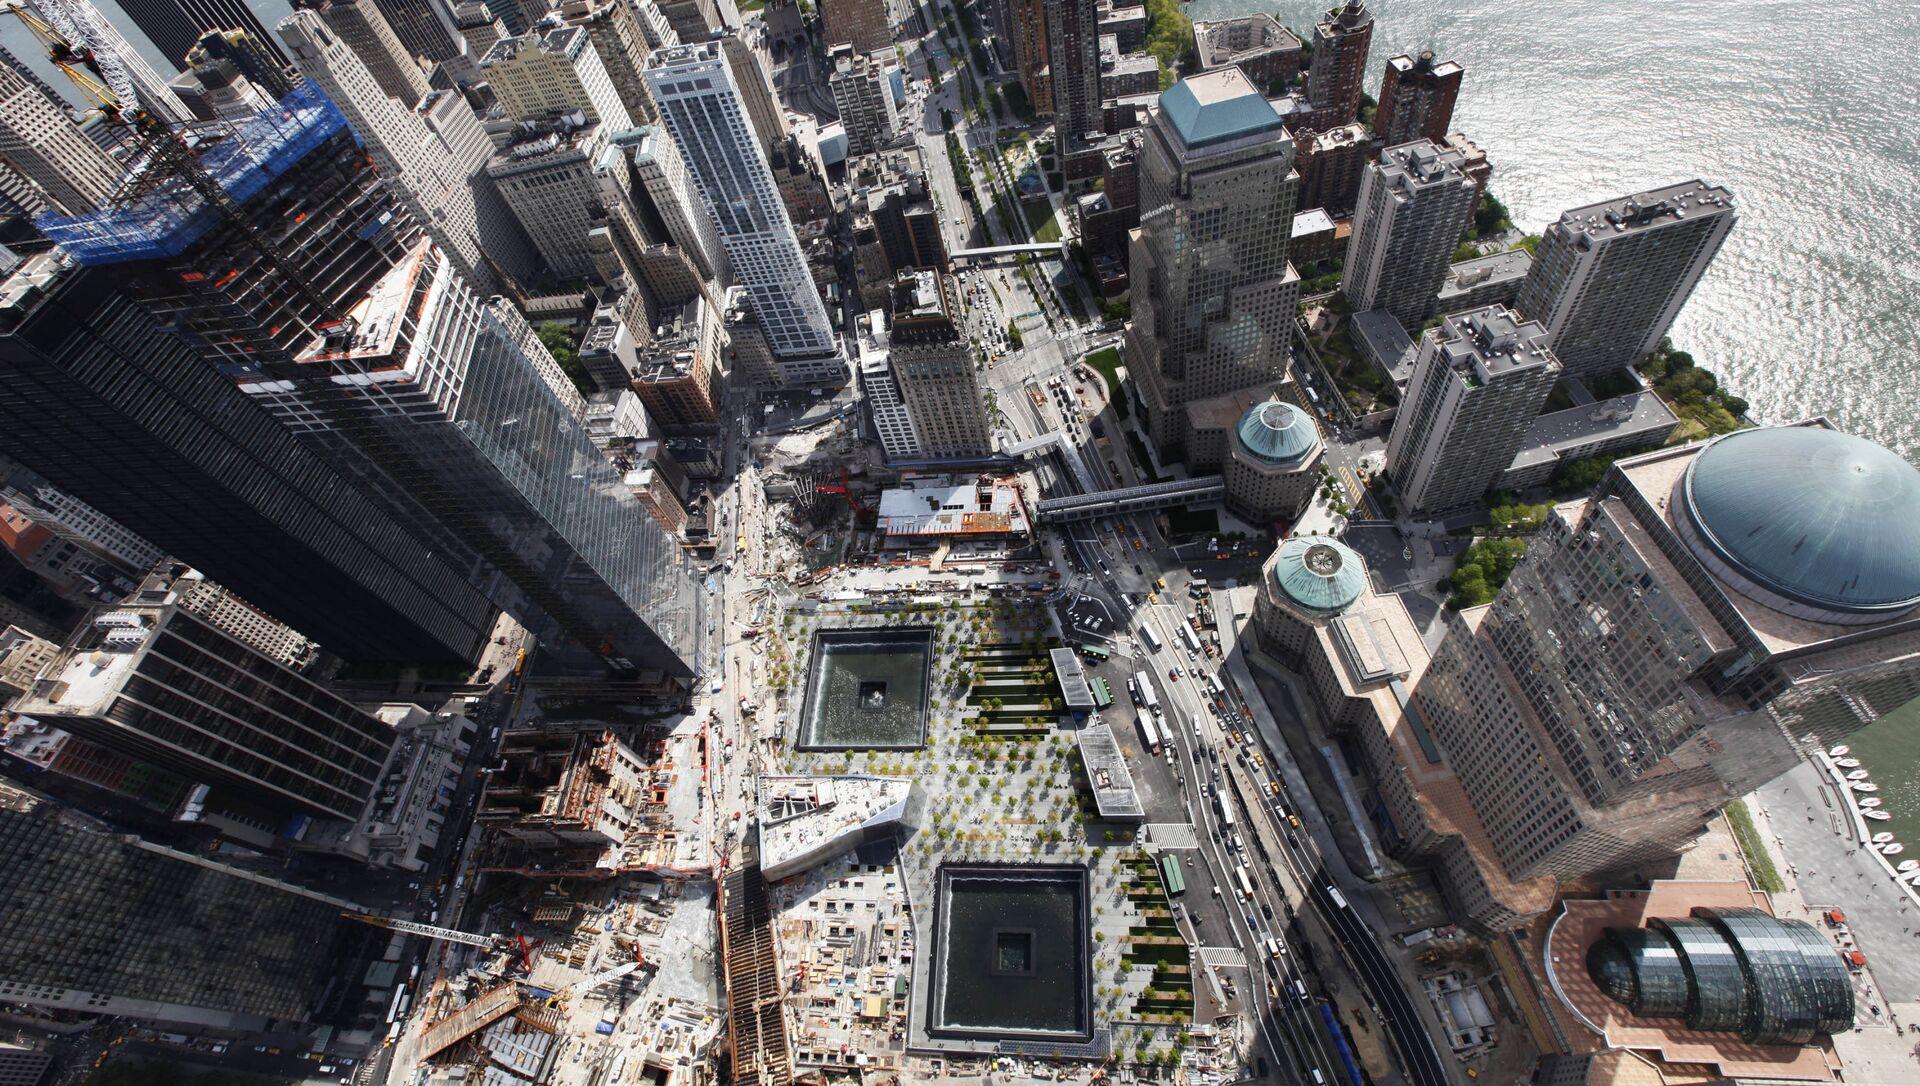 Мемориал 11 сентября можно увидеть из 90-го этажа Всемирного торгового центра в Нью-Йорке - Sputnik Абхазия, 1920, 14.09.2021